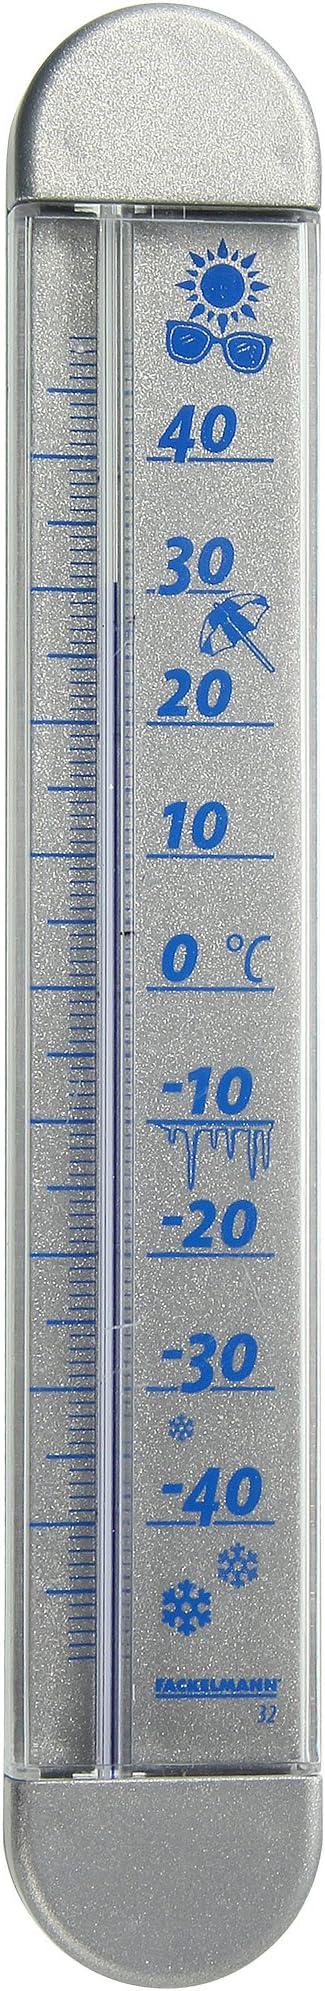 63730 19x4x4 cm blau Fackelmann Fensterthermometer 19x4 cm aus Kunststoff//PS